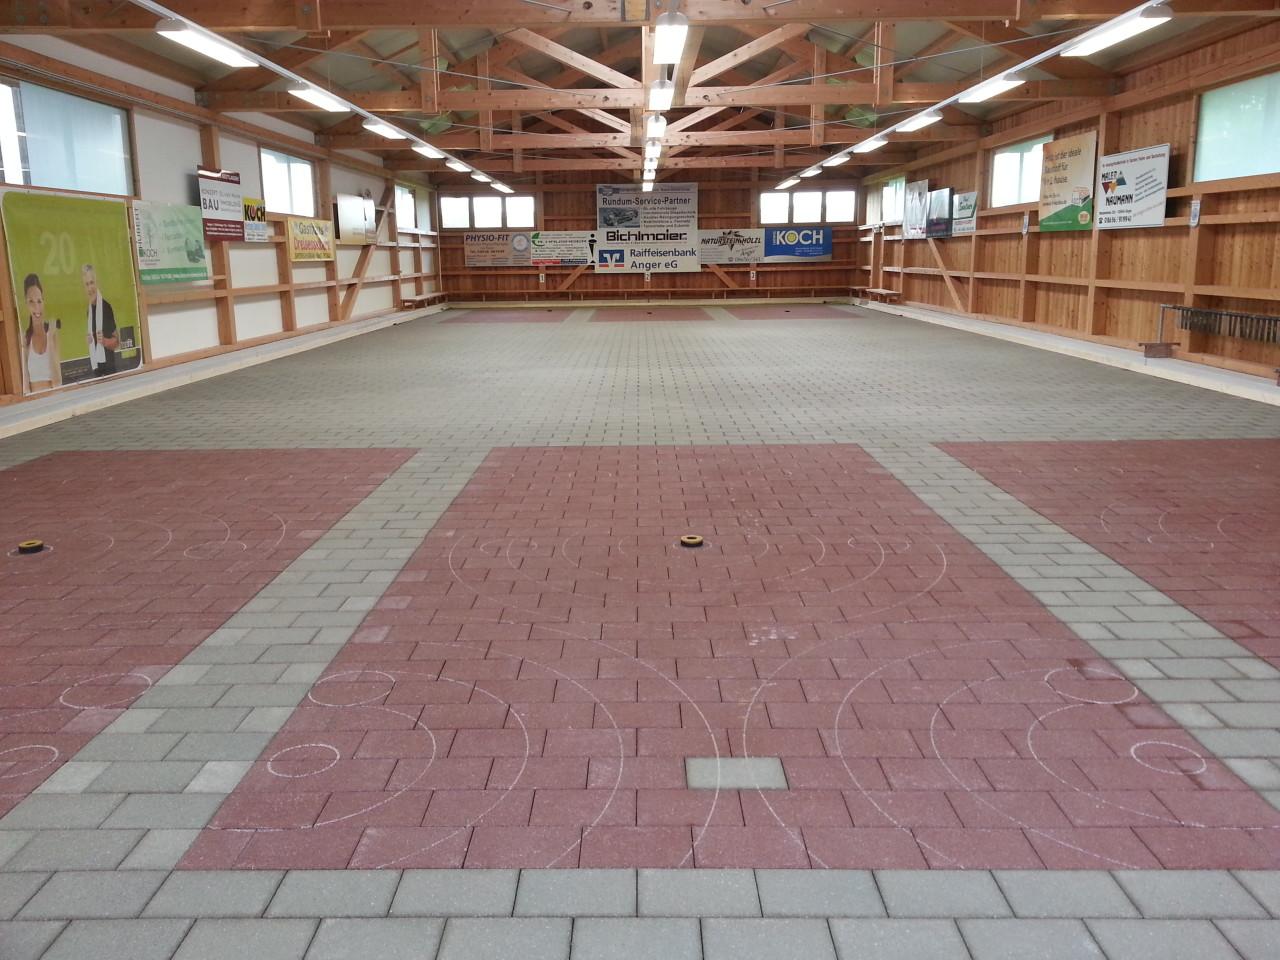 neues Pflaster in der Stocksporthalle Aufham